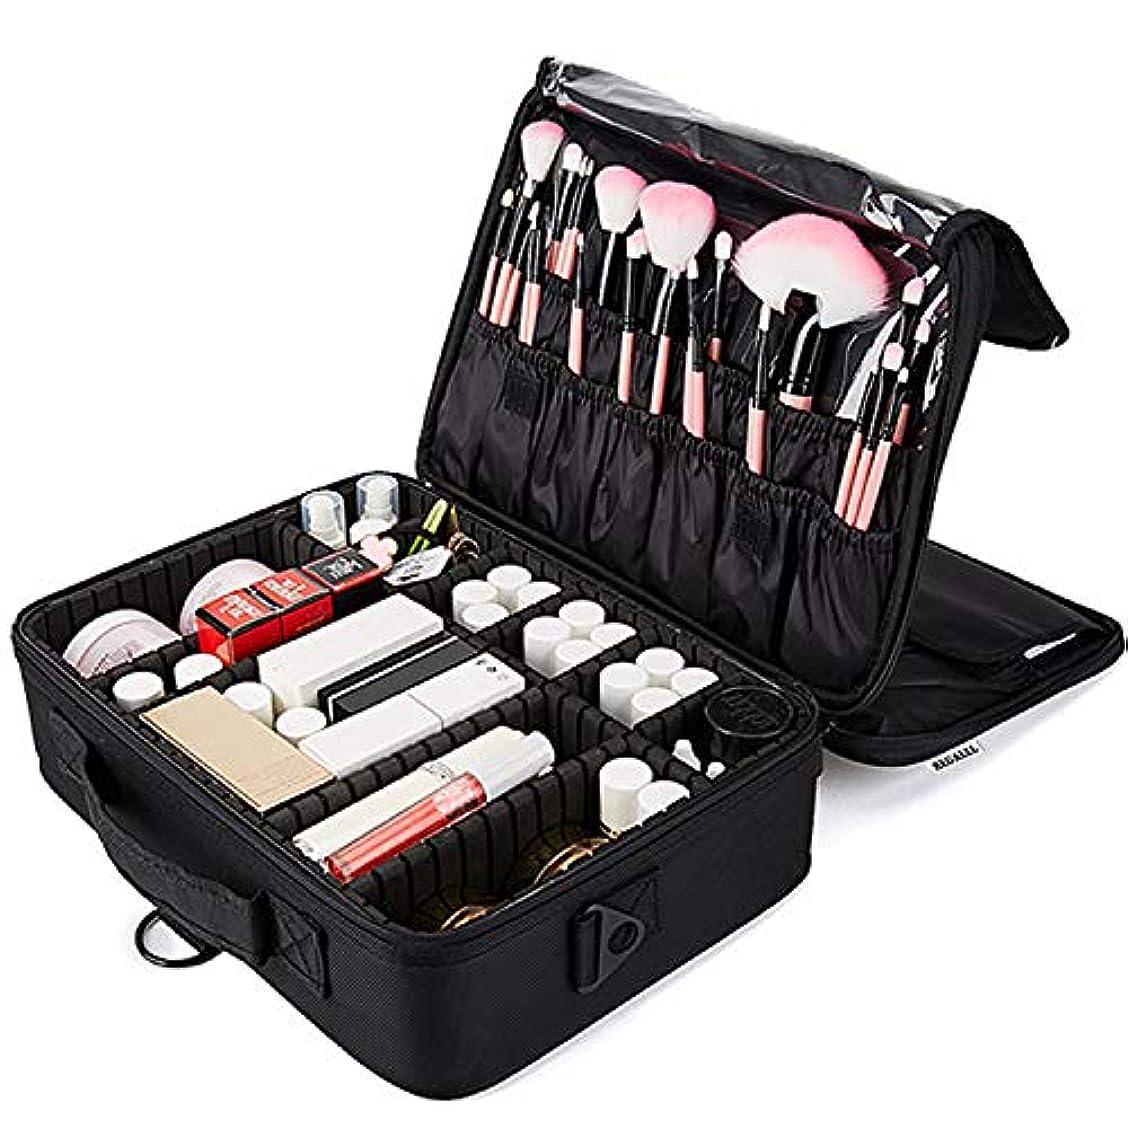 野生コマンド驚くべきREGALLL メイクボックス 大容量 コスメボックス プロ用 持ち運び便利 高品質3層化粧箱 收納抜群コスメ収納 多機能 旅行用 ブラック